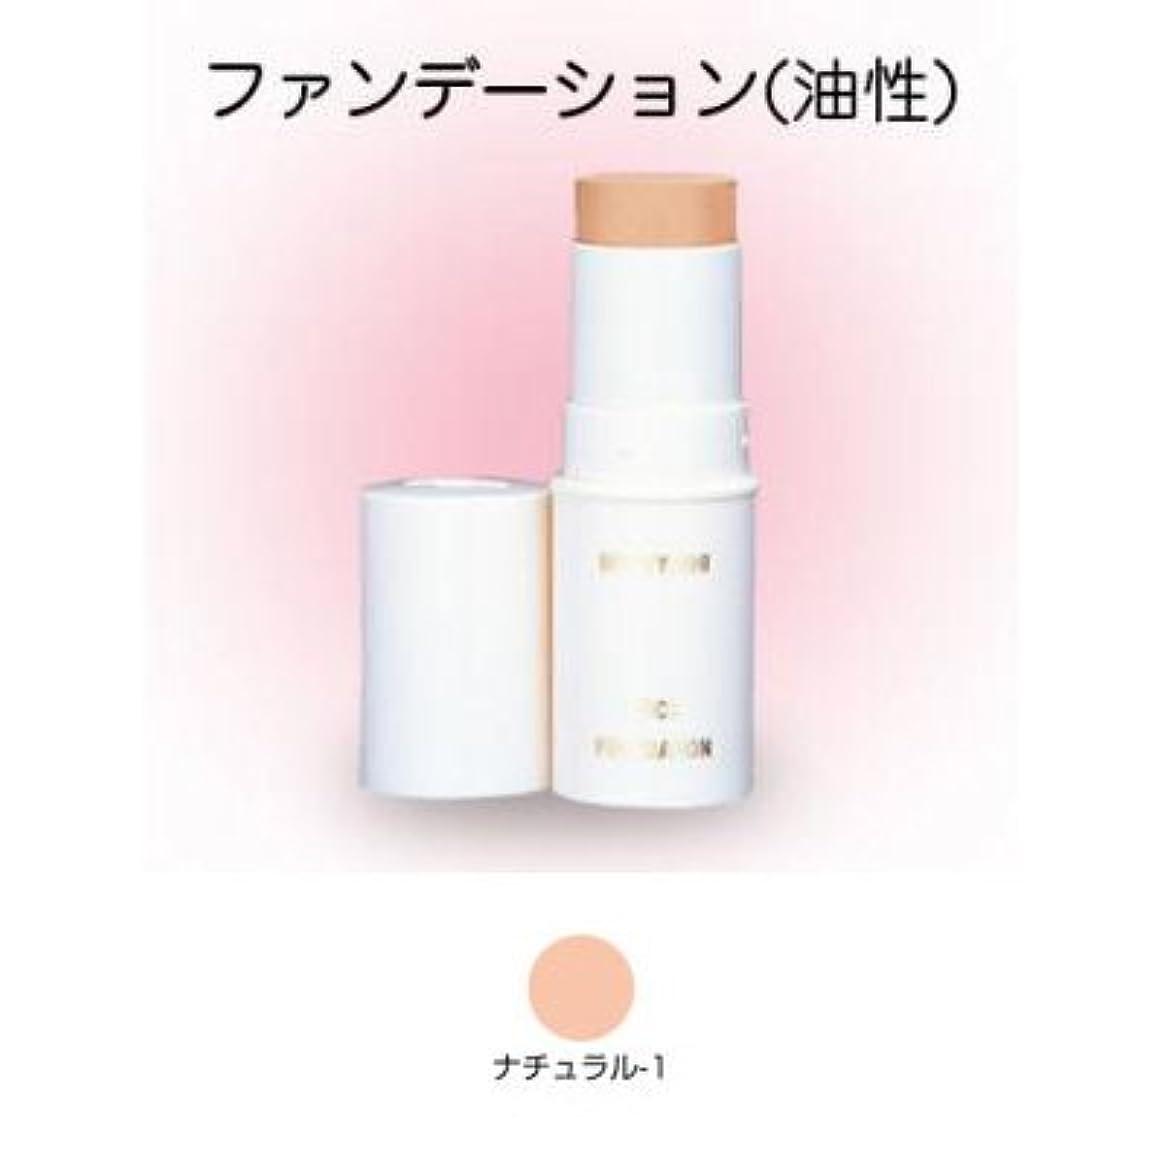 消費ハイジャック発明スティックファンデーション 16g ナチュラル-1 【三善】